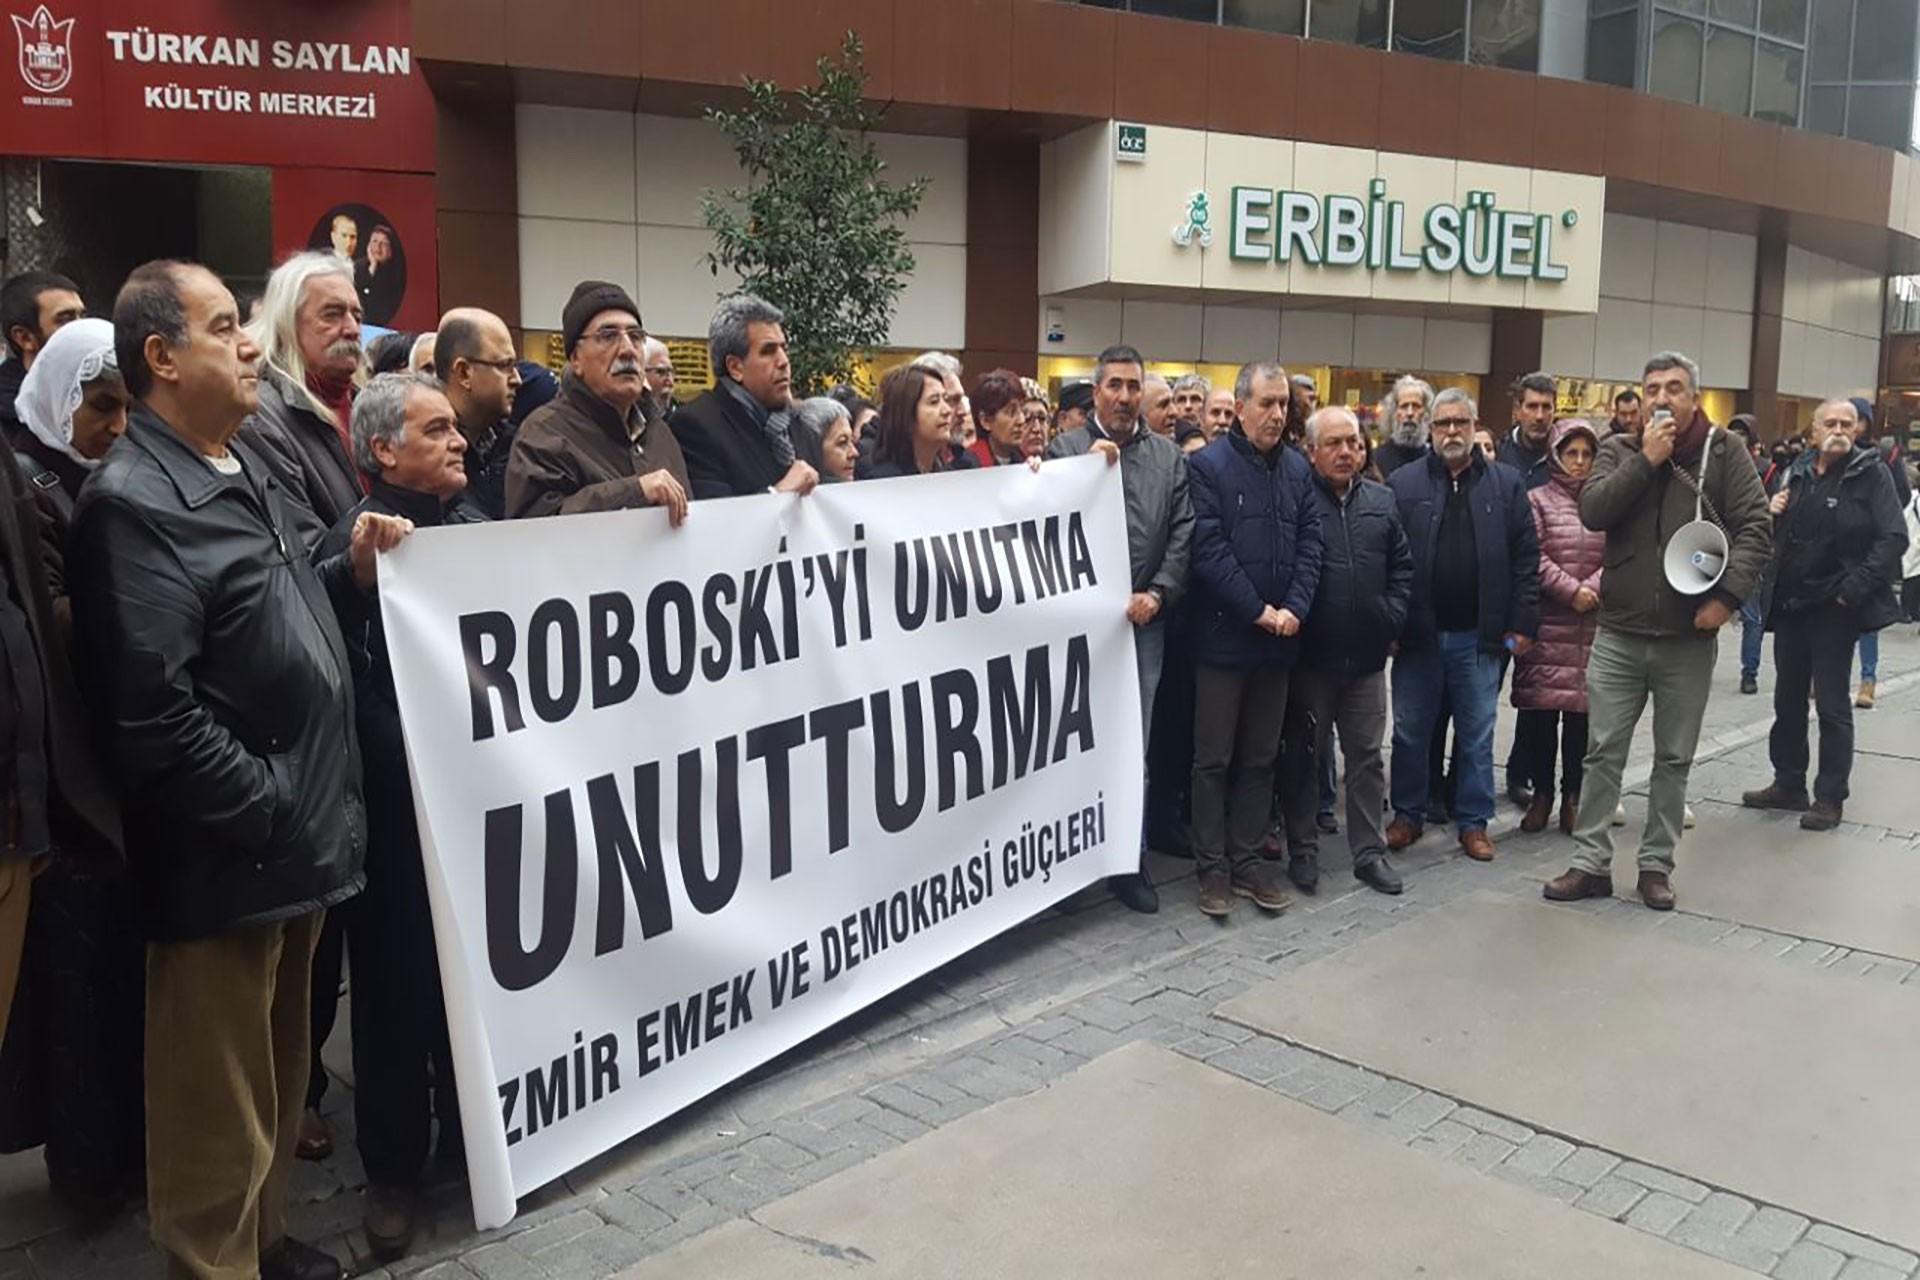 İzmir emek ve demokrasi güçleri Robosi'yi andı.